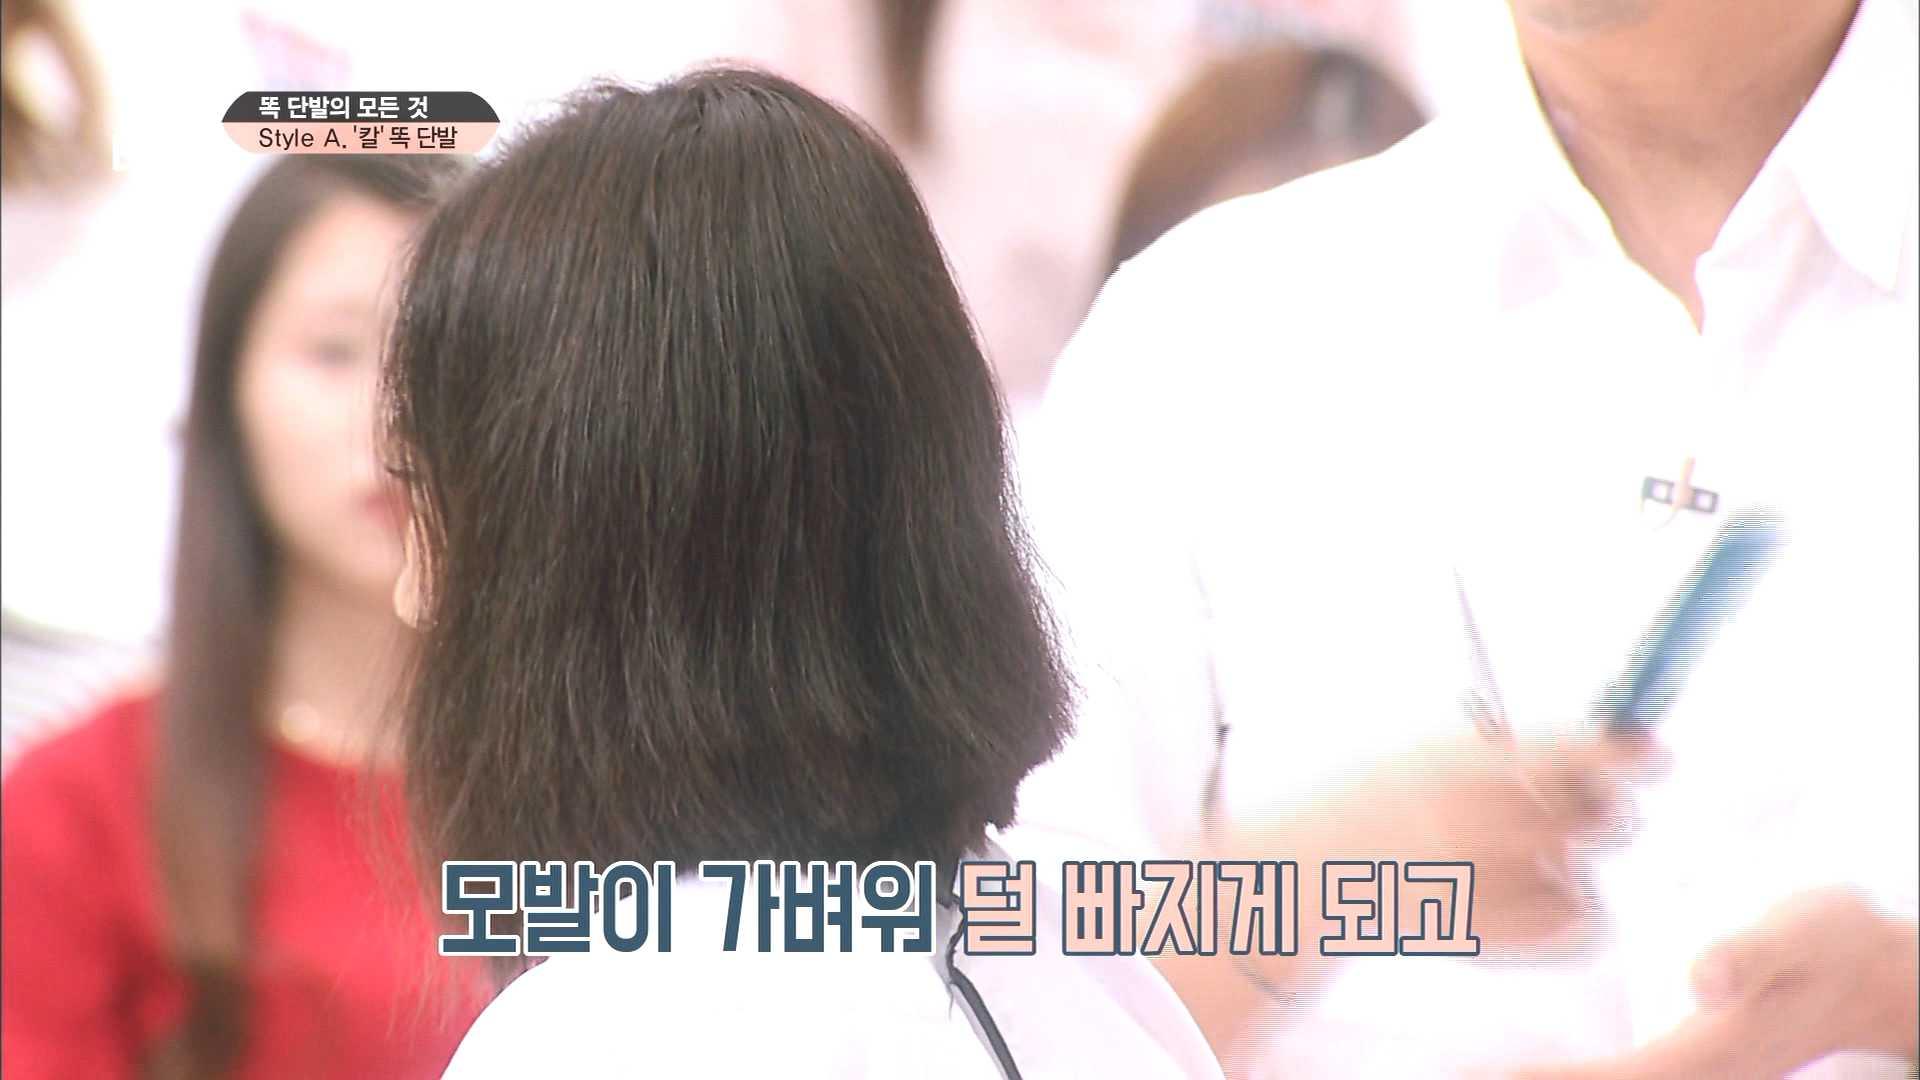 사실 머리카락을 자르면 좋은 점이 너무 많지요!! 일단 모발이 가벼워 덜 빠지고 샴푸값 걱정도 NO! NO!